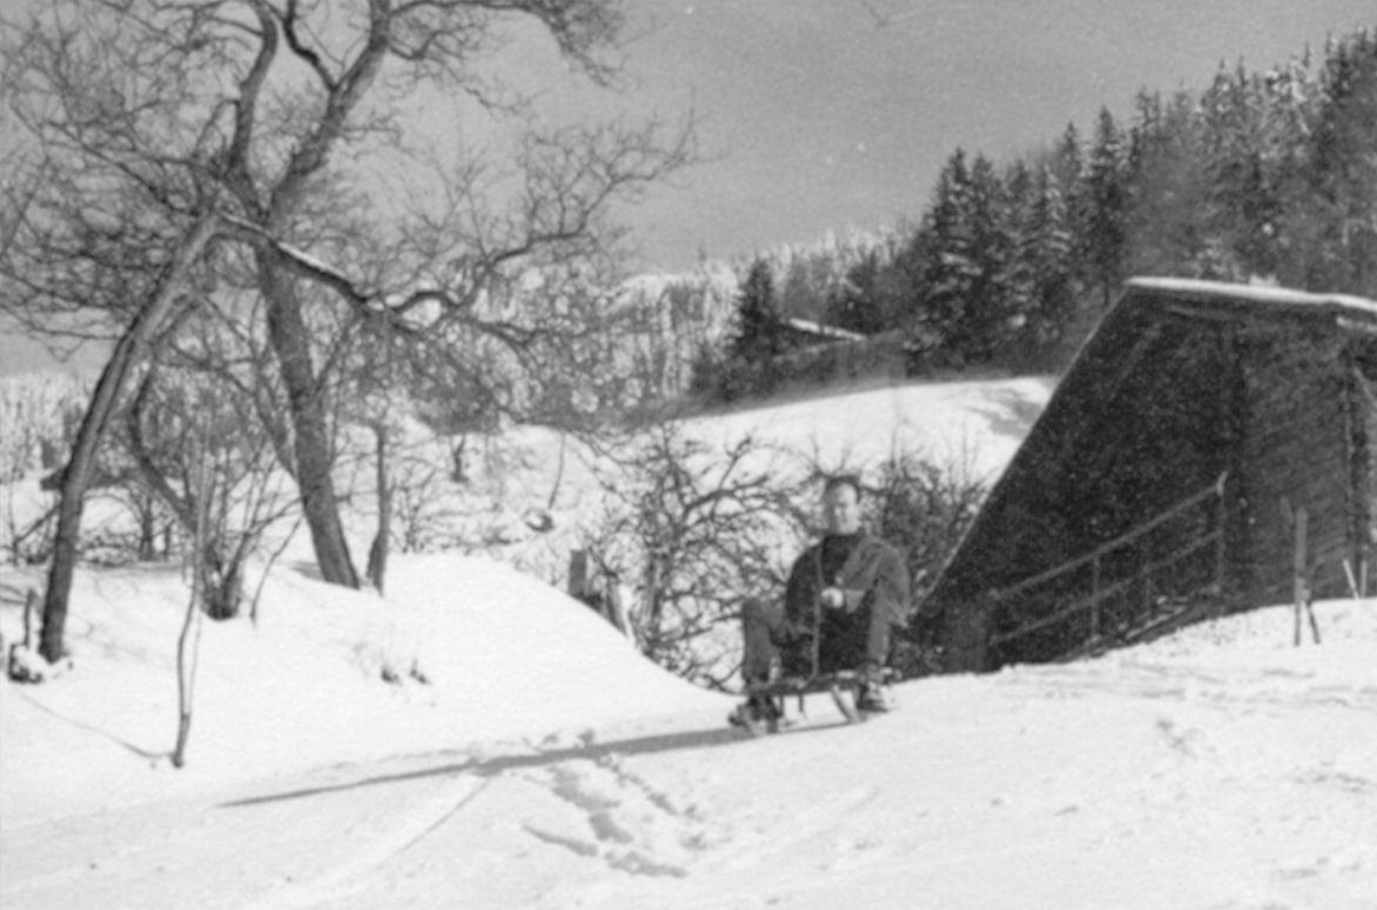 Le chalet de Manigod, un hiver